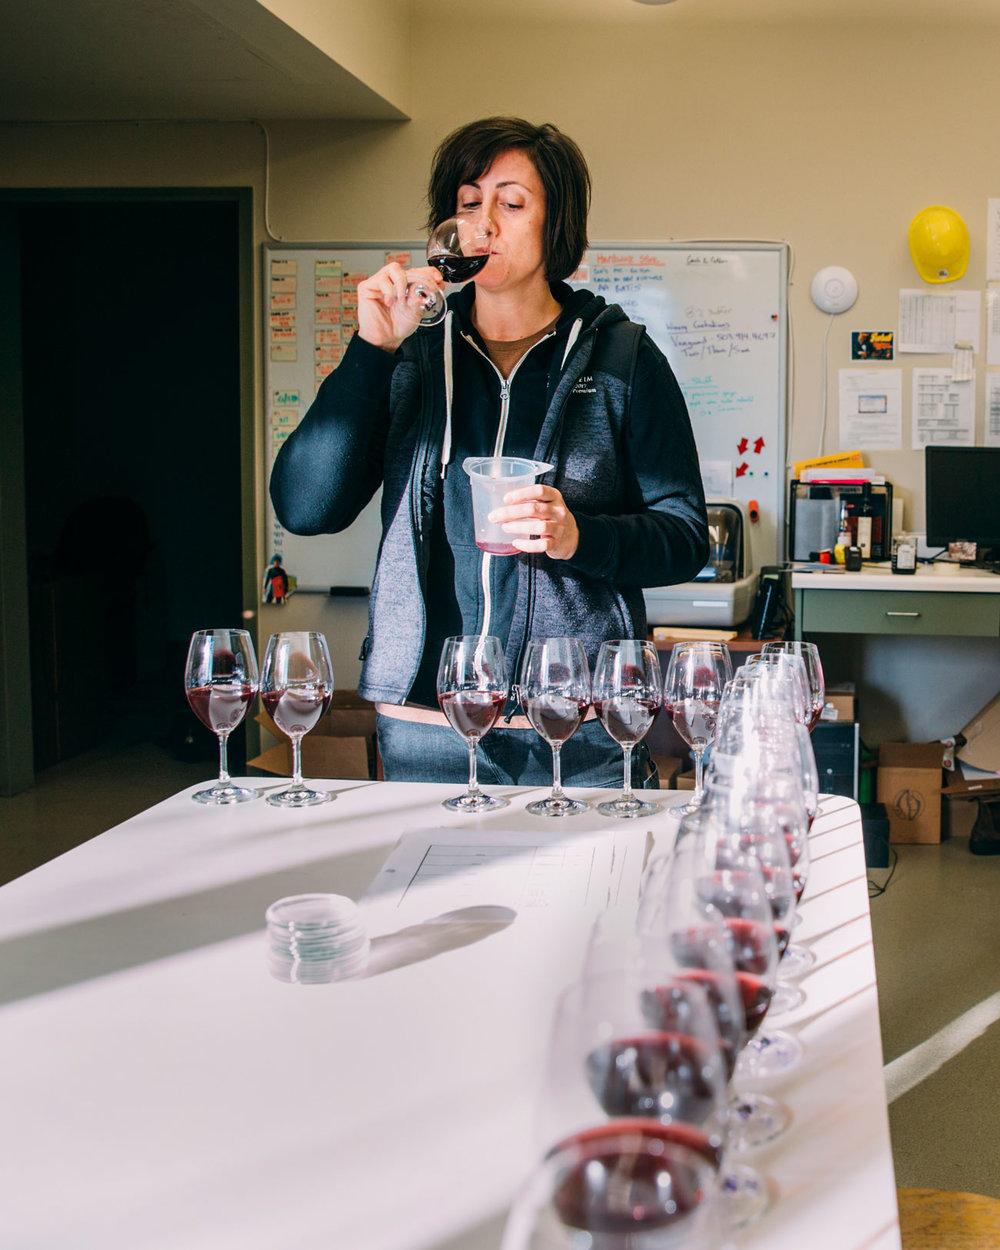 gina_winemaker.jpg